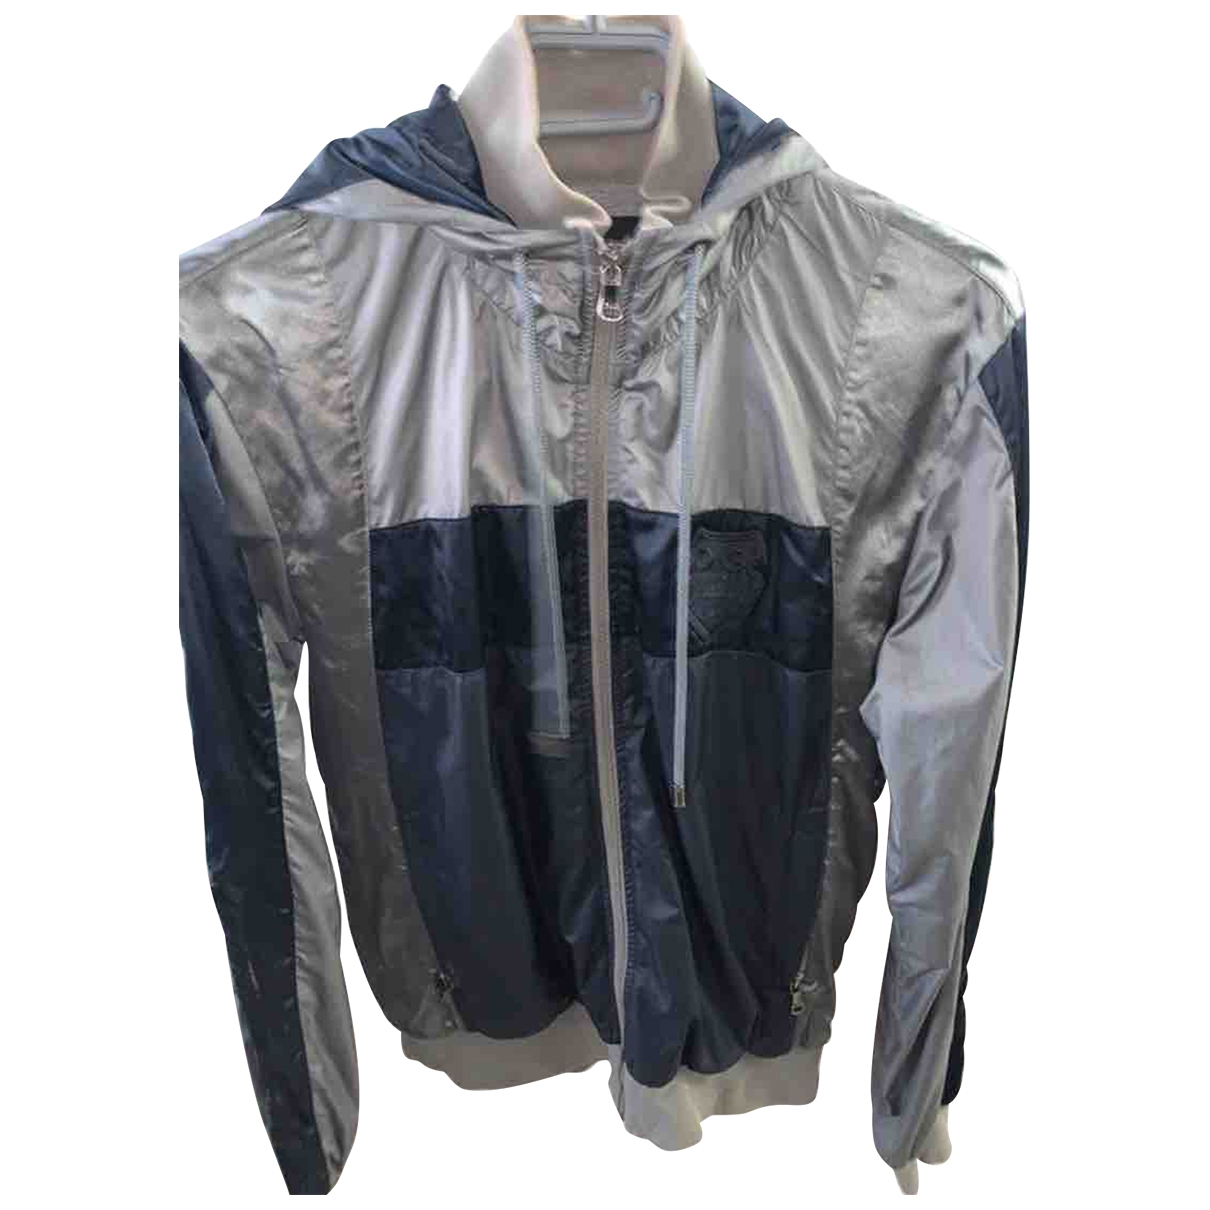 D&g \N Silver Knitwear & Sweatshirts for Men 46 IT